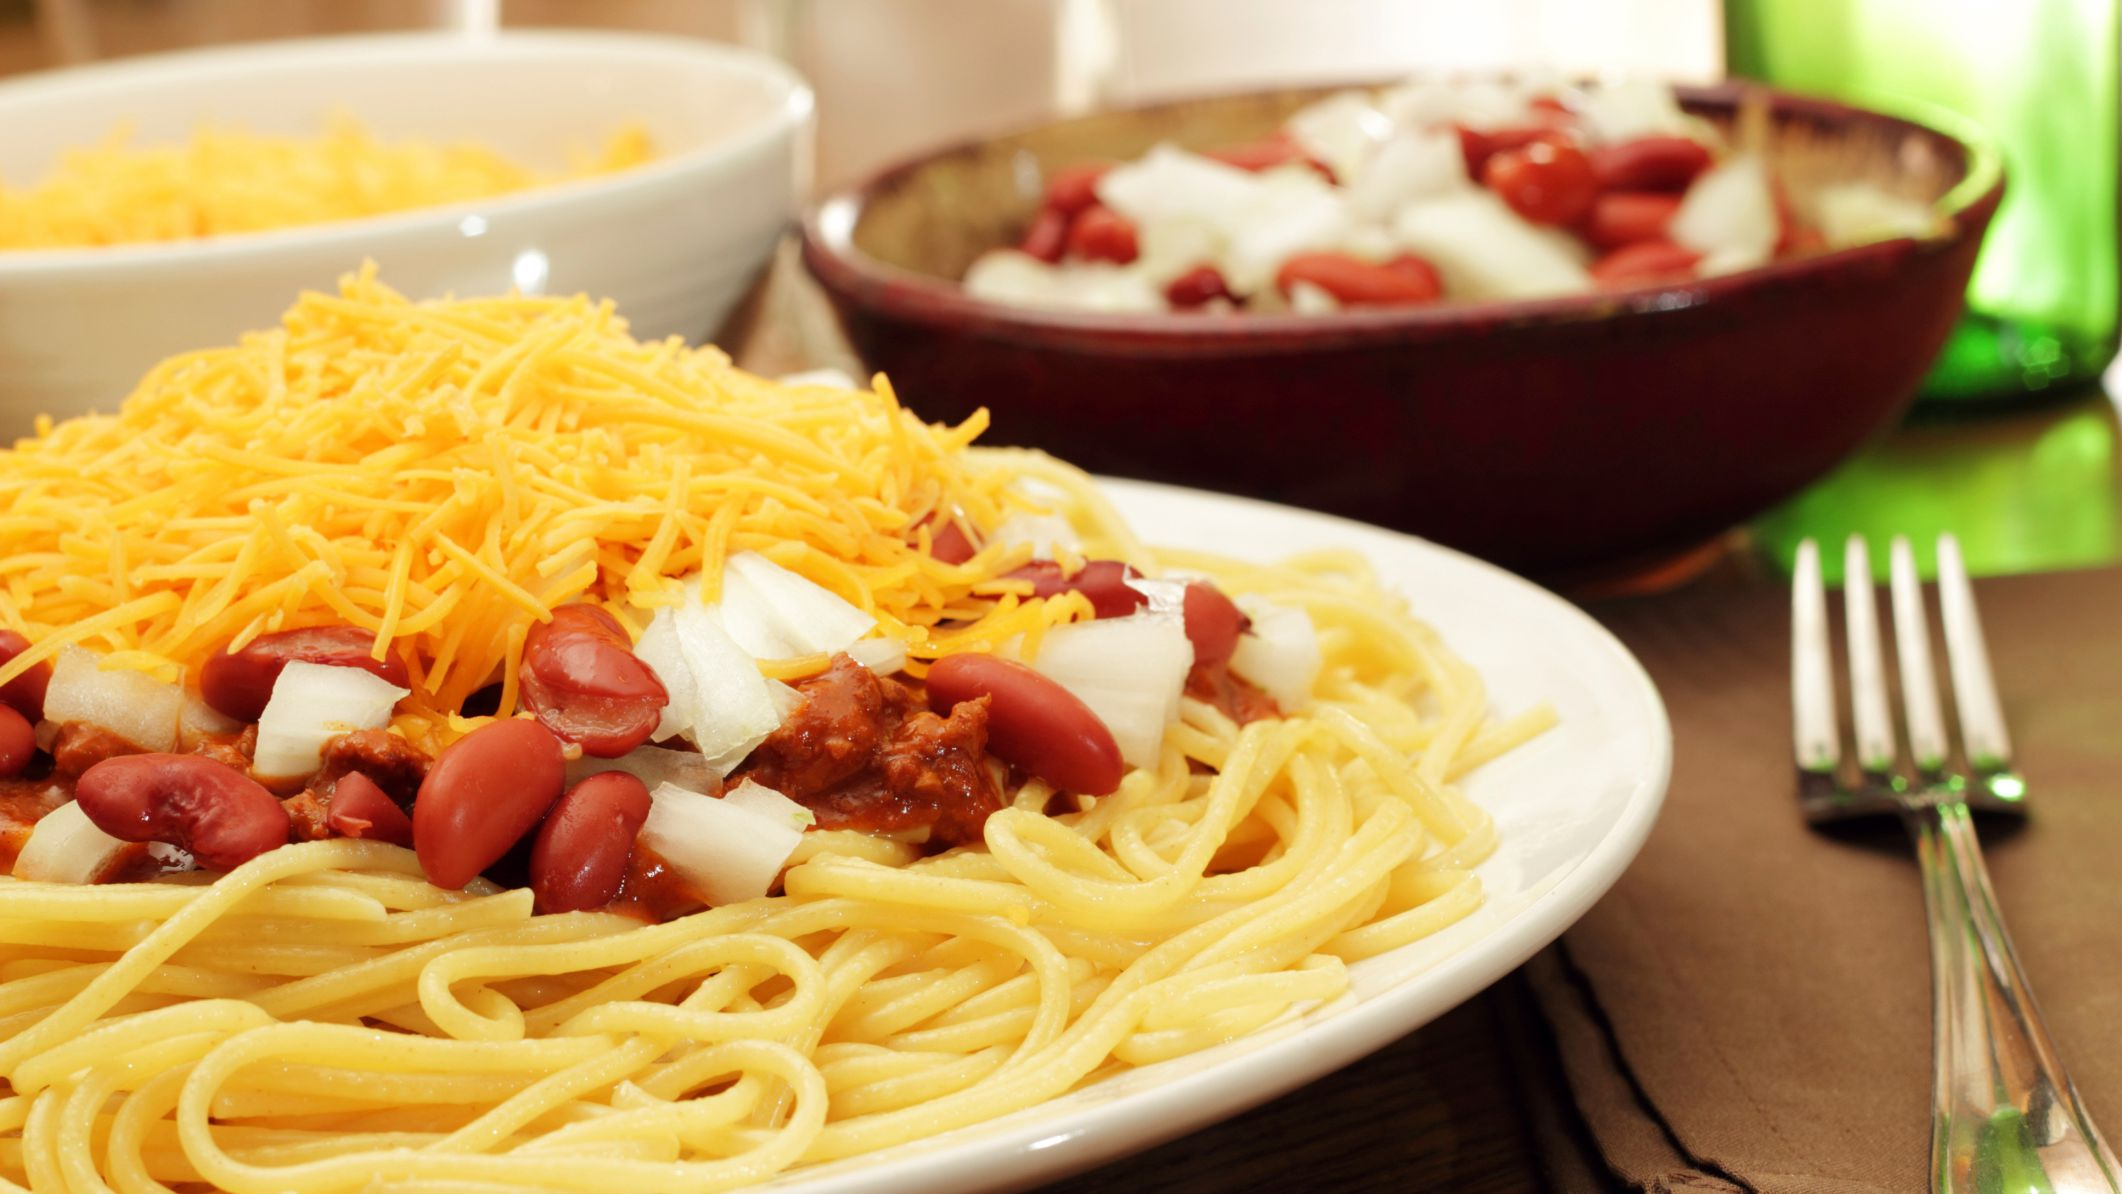 Slow Cooker Cincinnati Style Chili Recipe